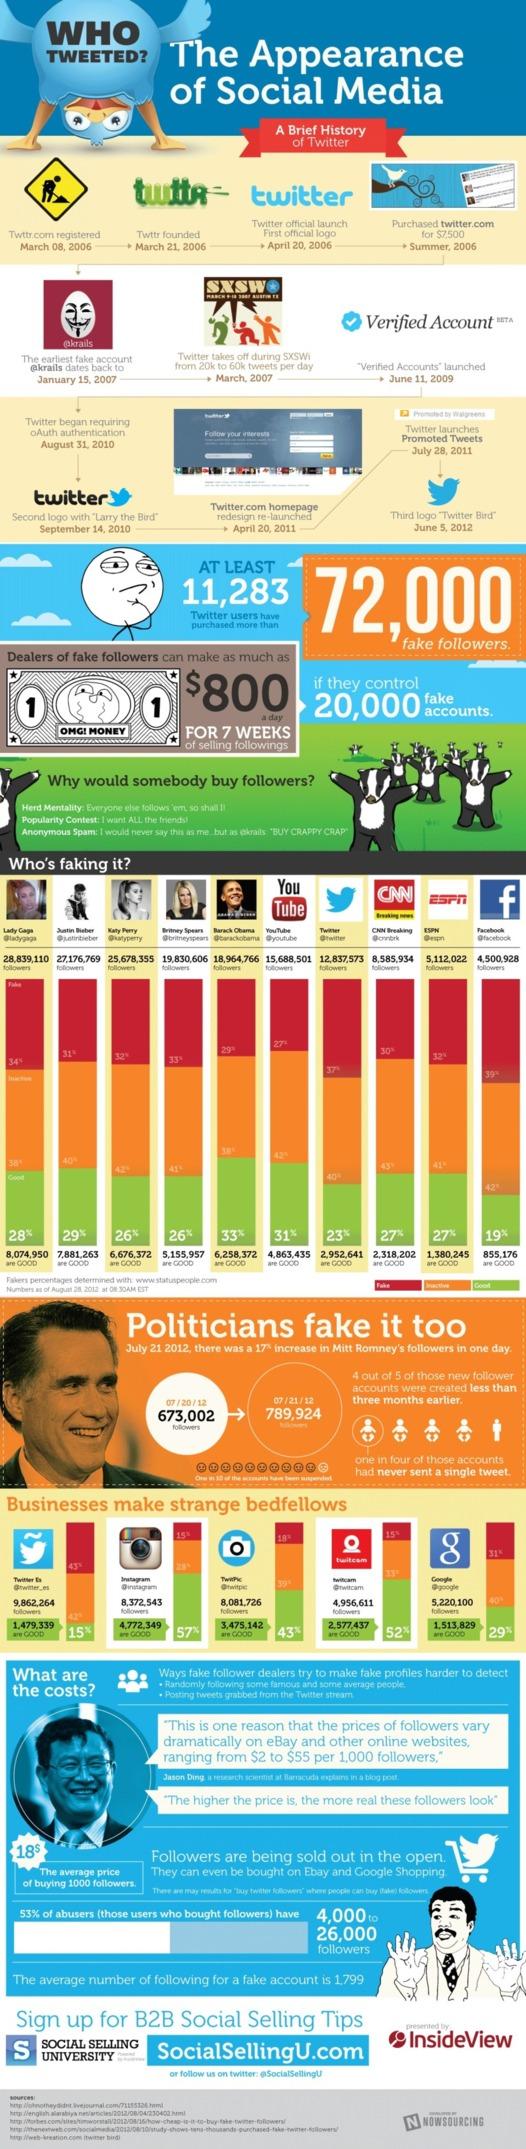 Etes vous sûr de vos followers sur Twitter? (infographie)